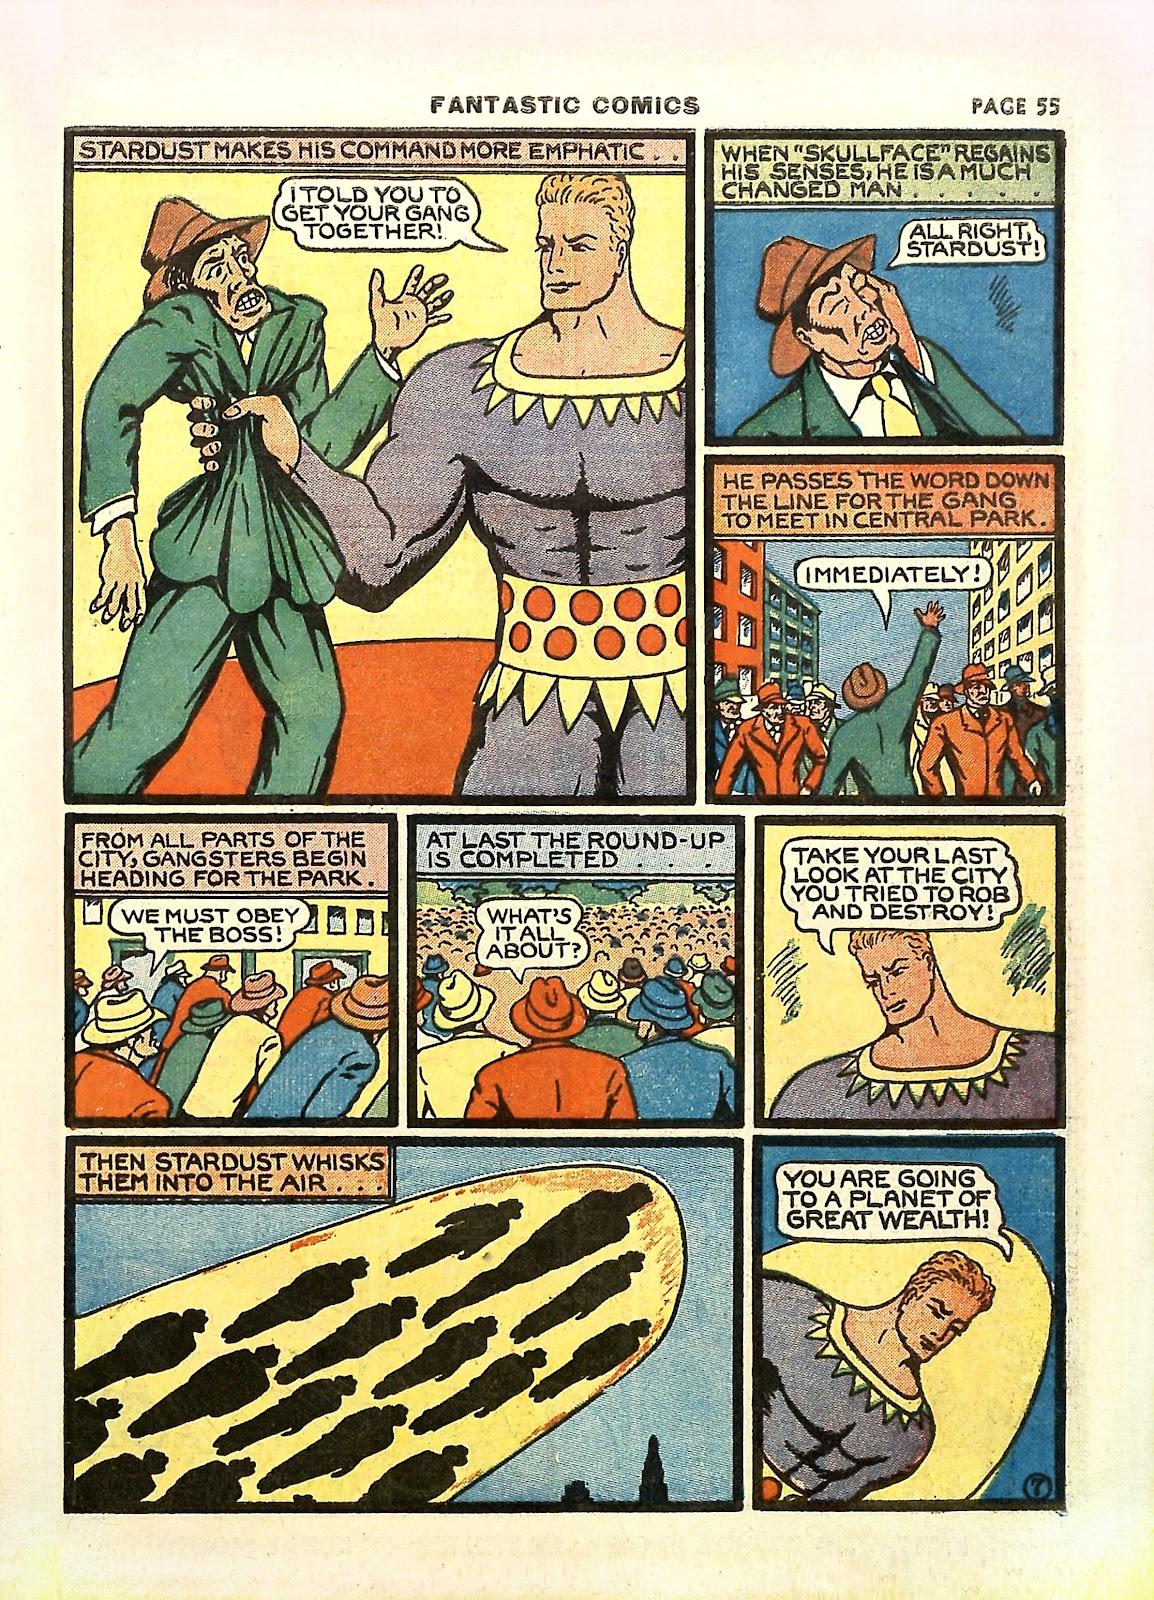 Read online Fantastic Comics comic -  Issue #11 - 58